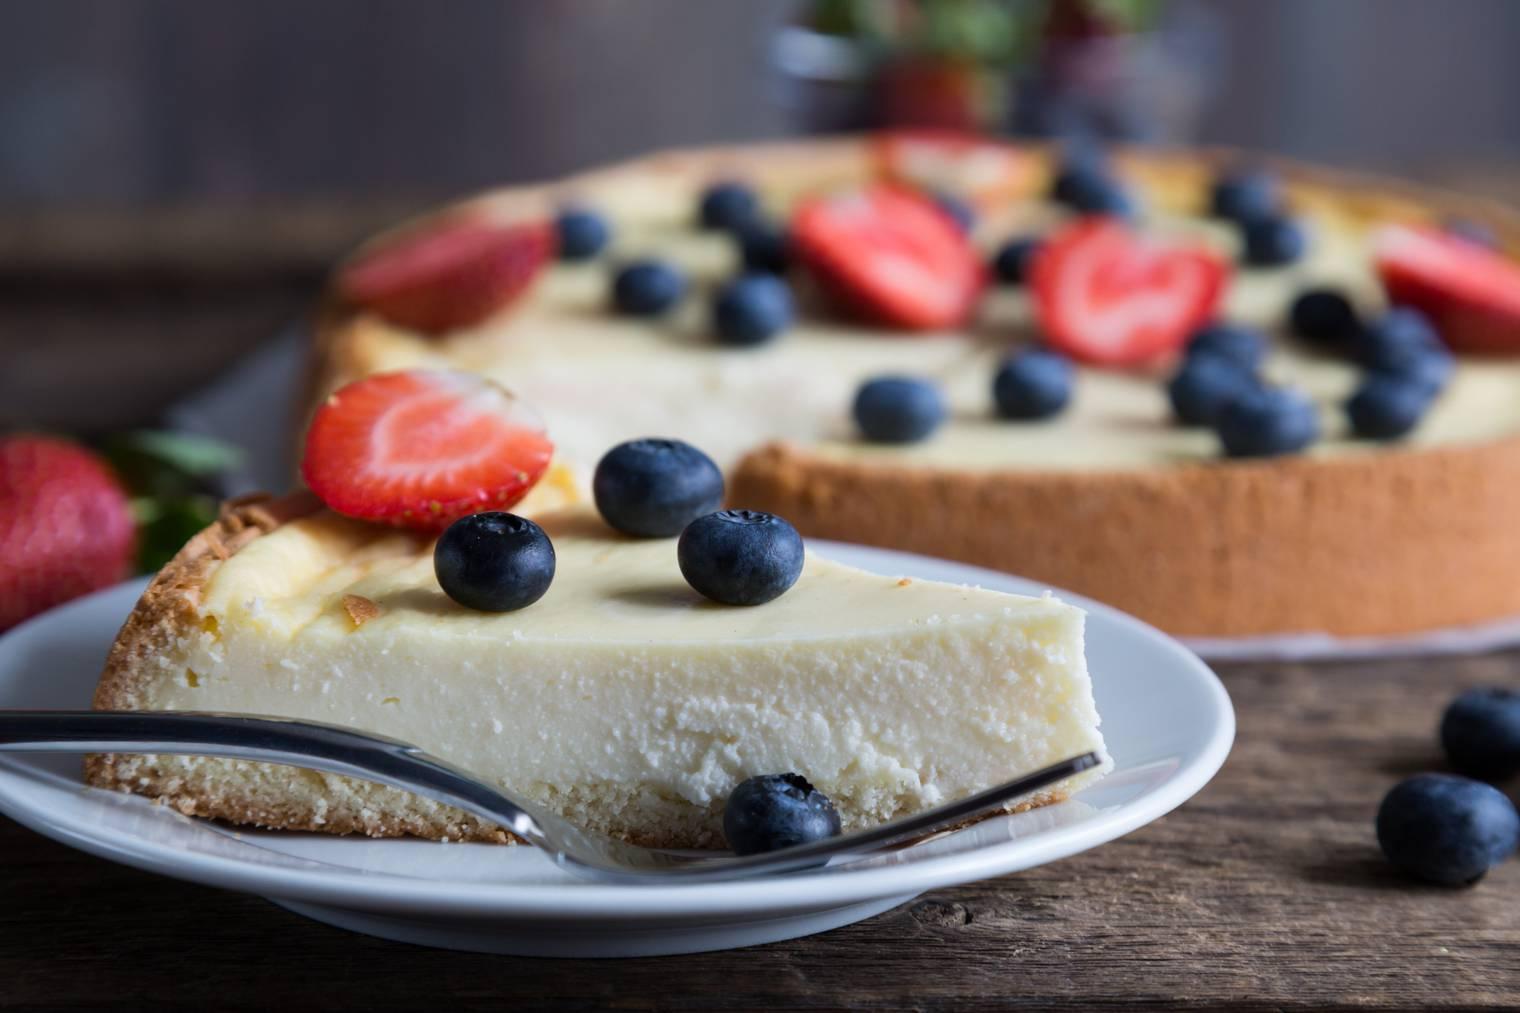 Cheesecake mit frischen Beeren - oder Äpfeln, wer es saisonaler mag. (Bild: istock)